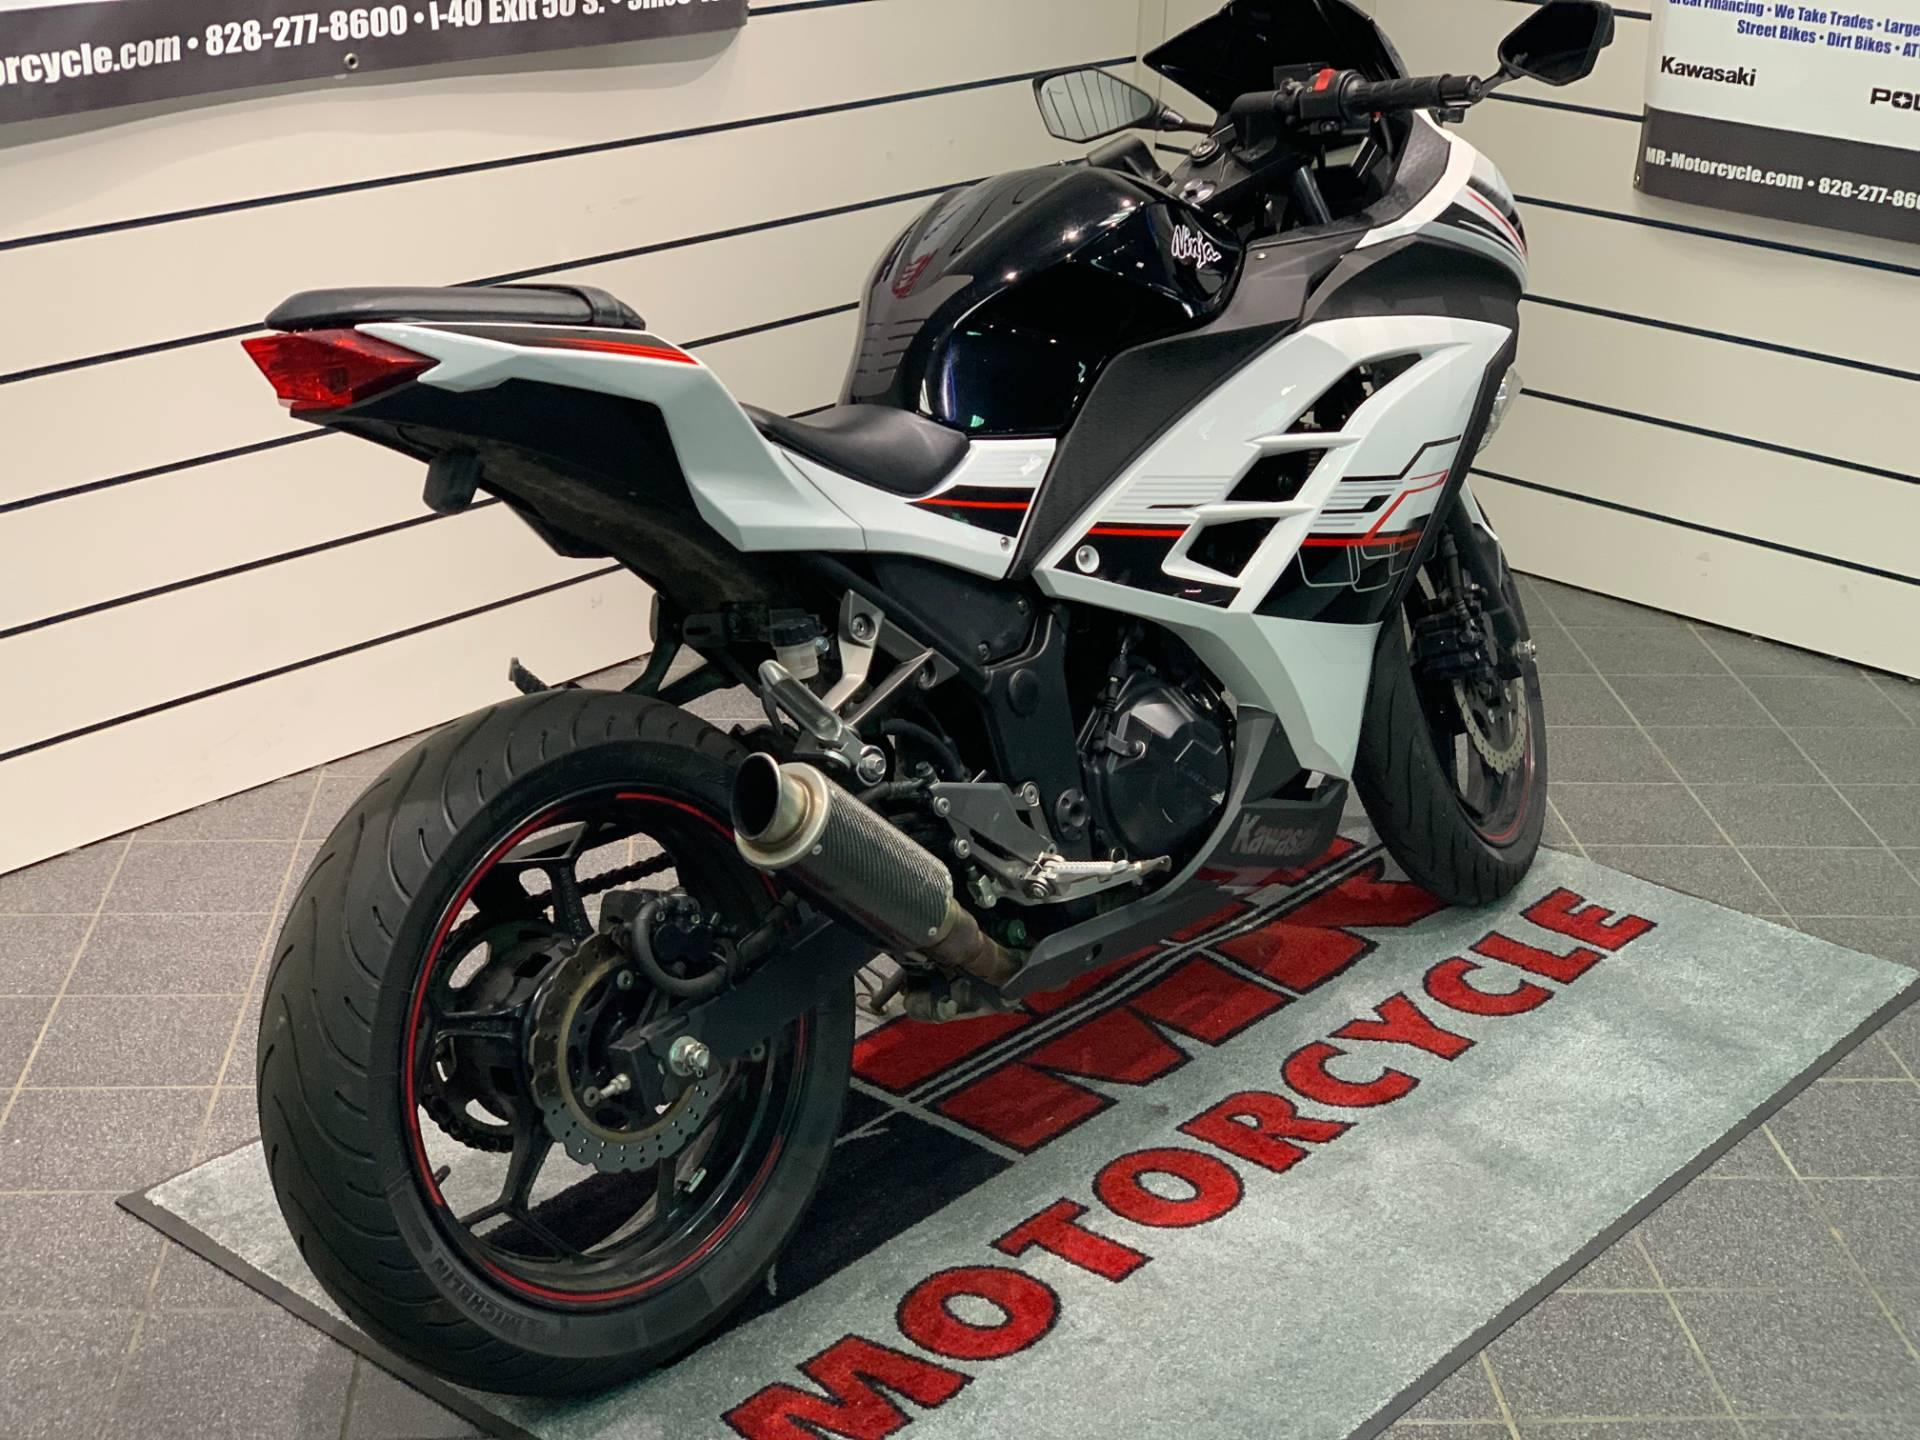 2014 Kawasaki Ninja® 300 SE in Asheville, North Carolina